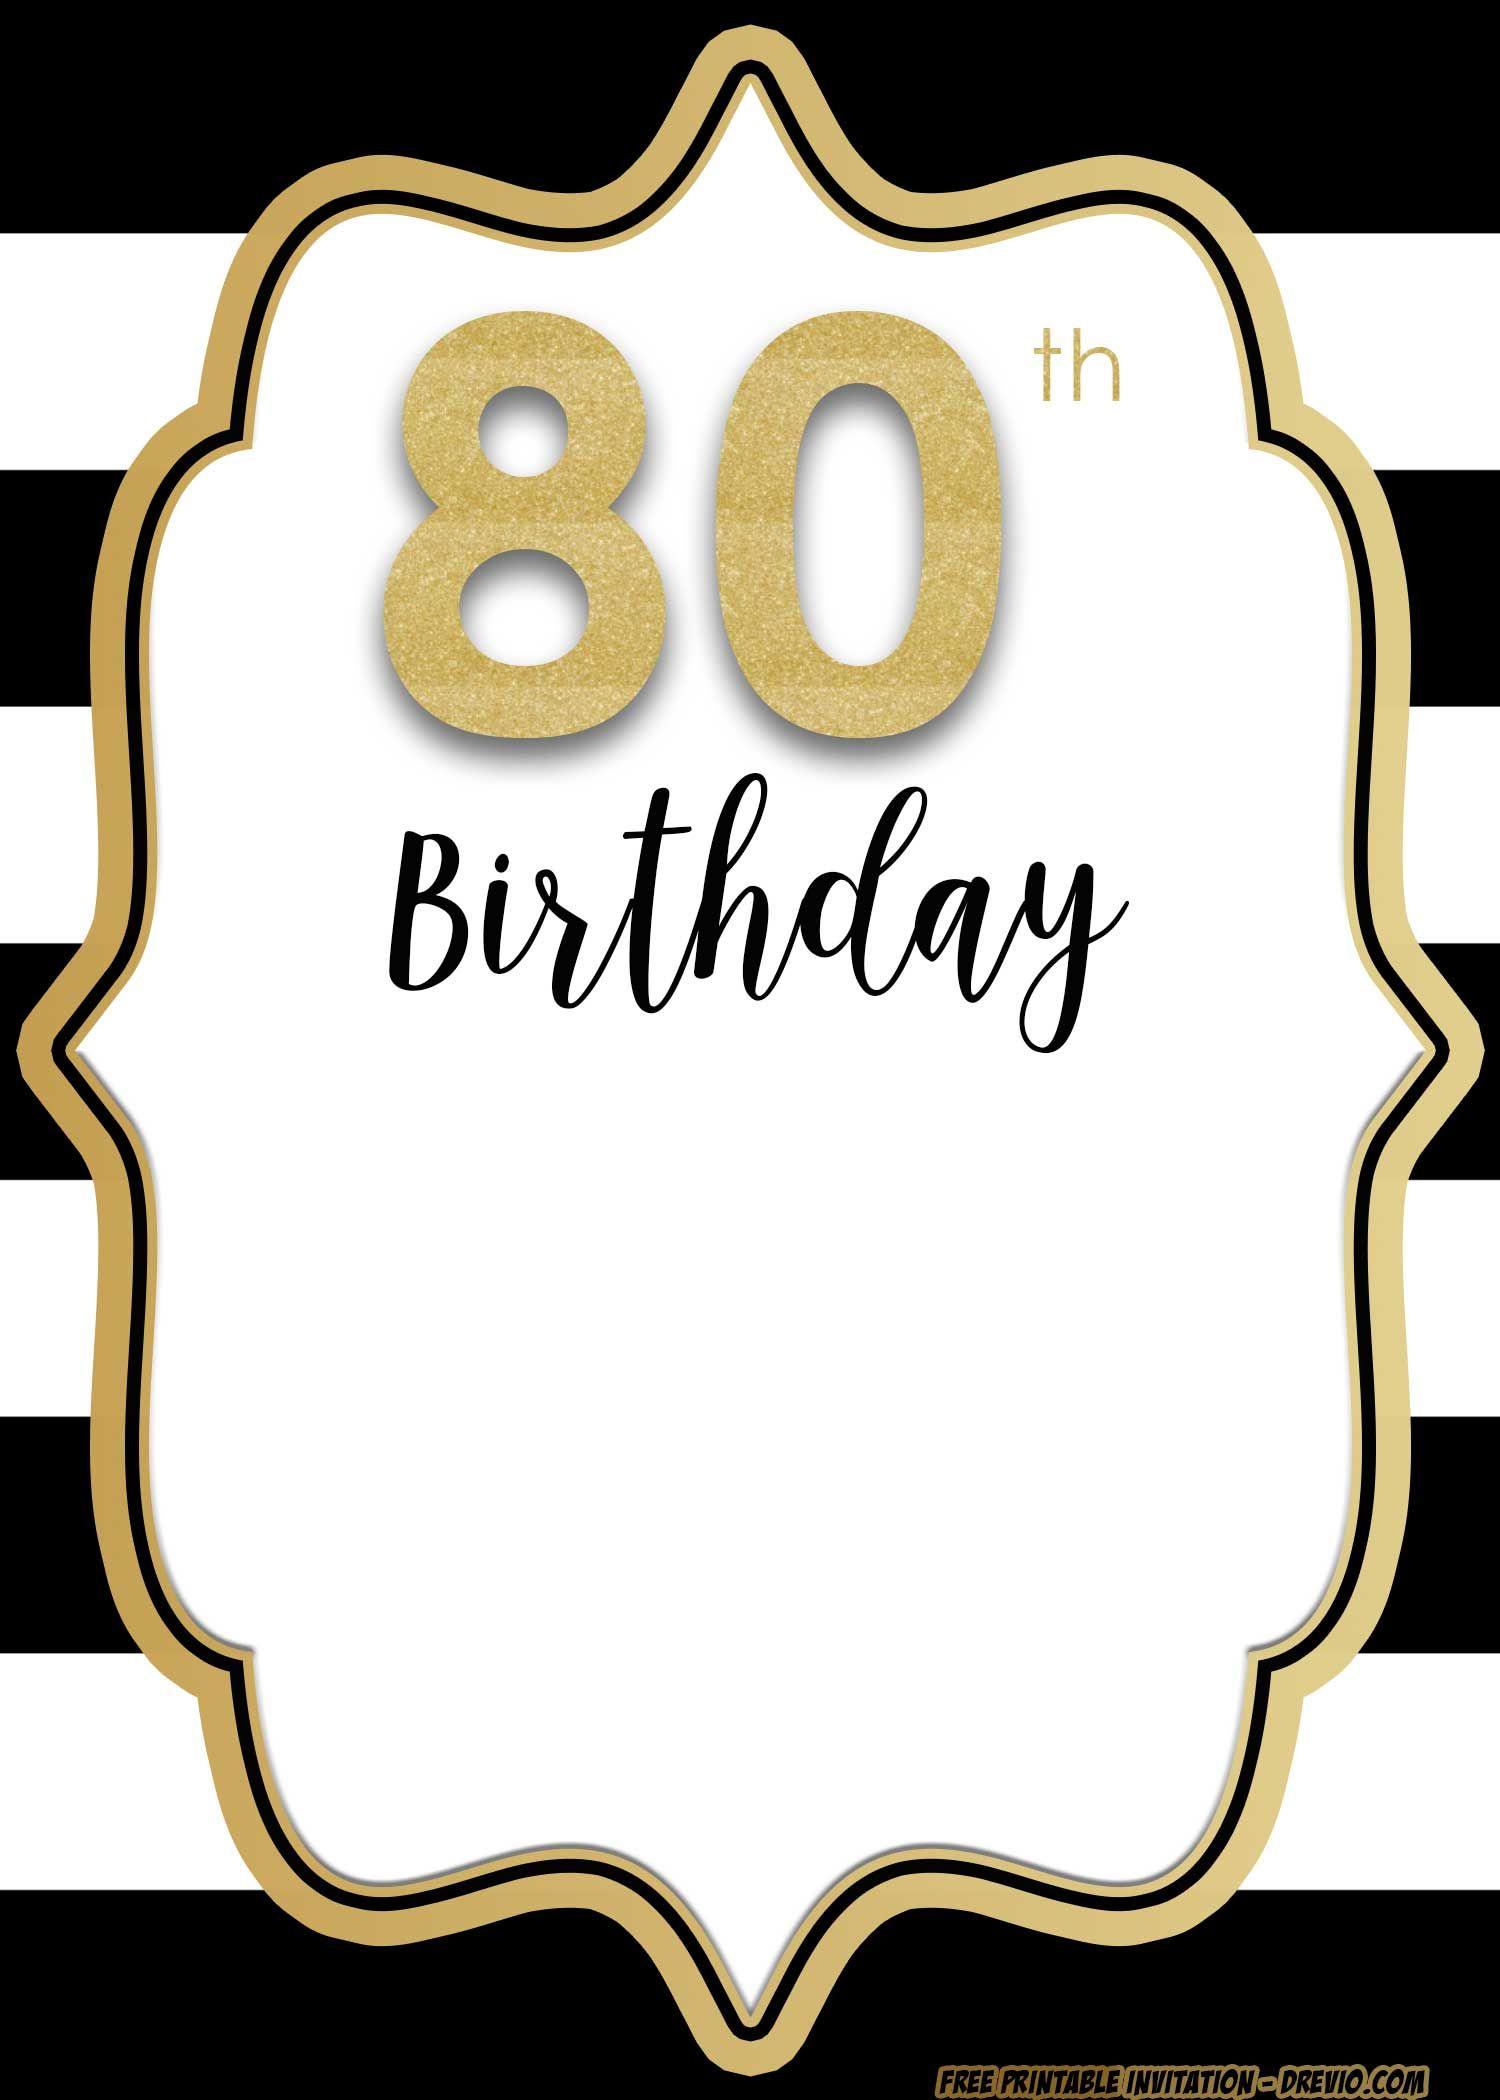 Free 80th Invitation Templates Unique And Rare 80th Birthday Invitations Birthday Invitation Templates Birthday Party Invitations